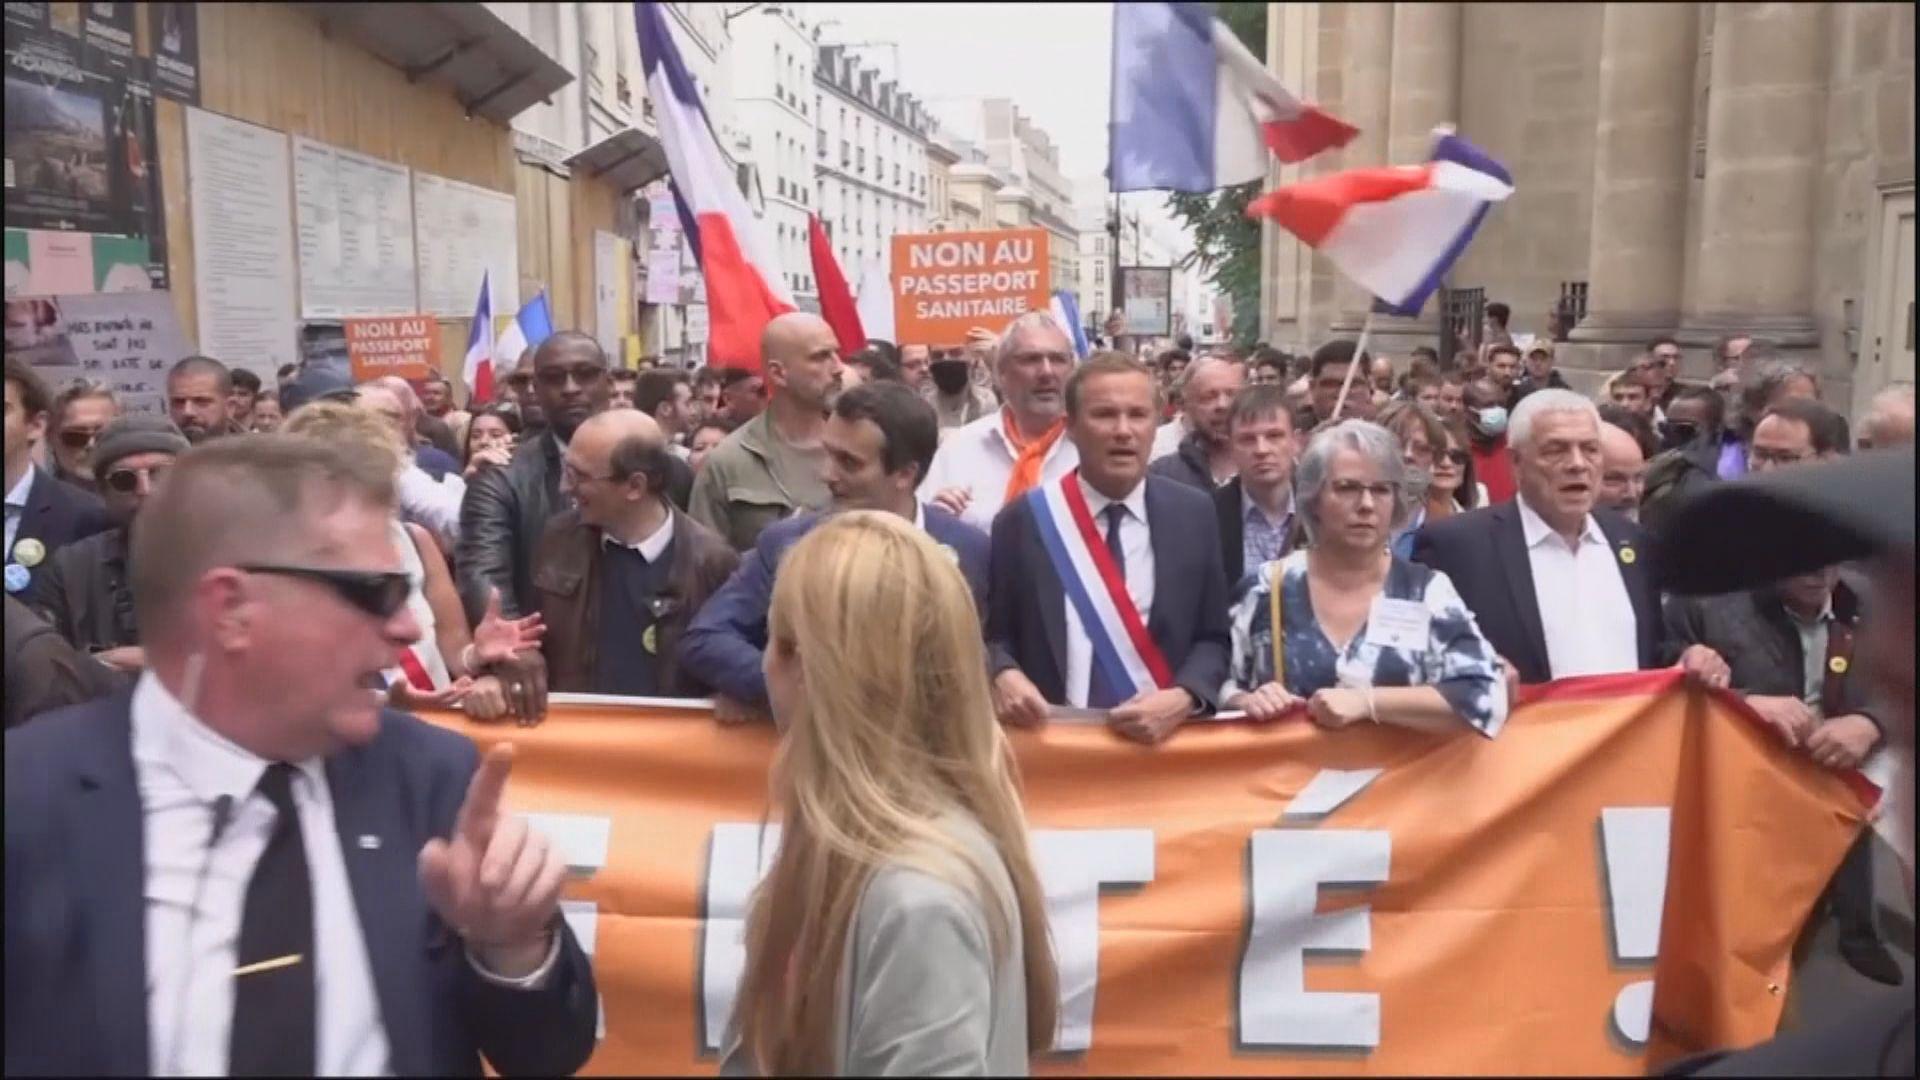 法國逾十萬人示威抗議強推接種疫苗及健康通行證